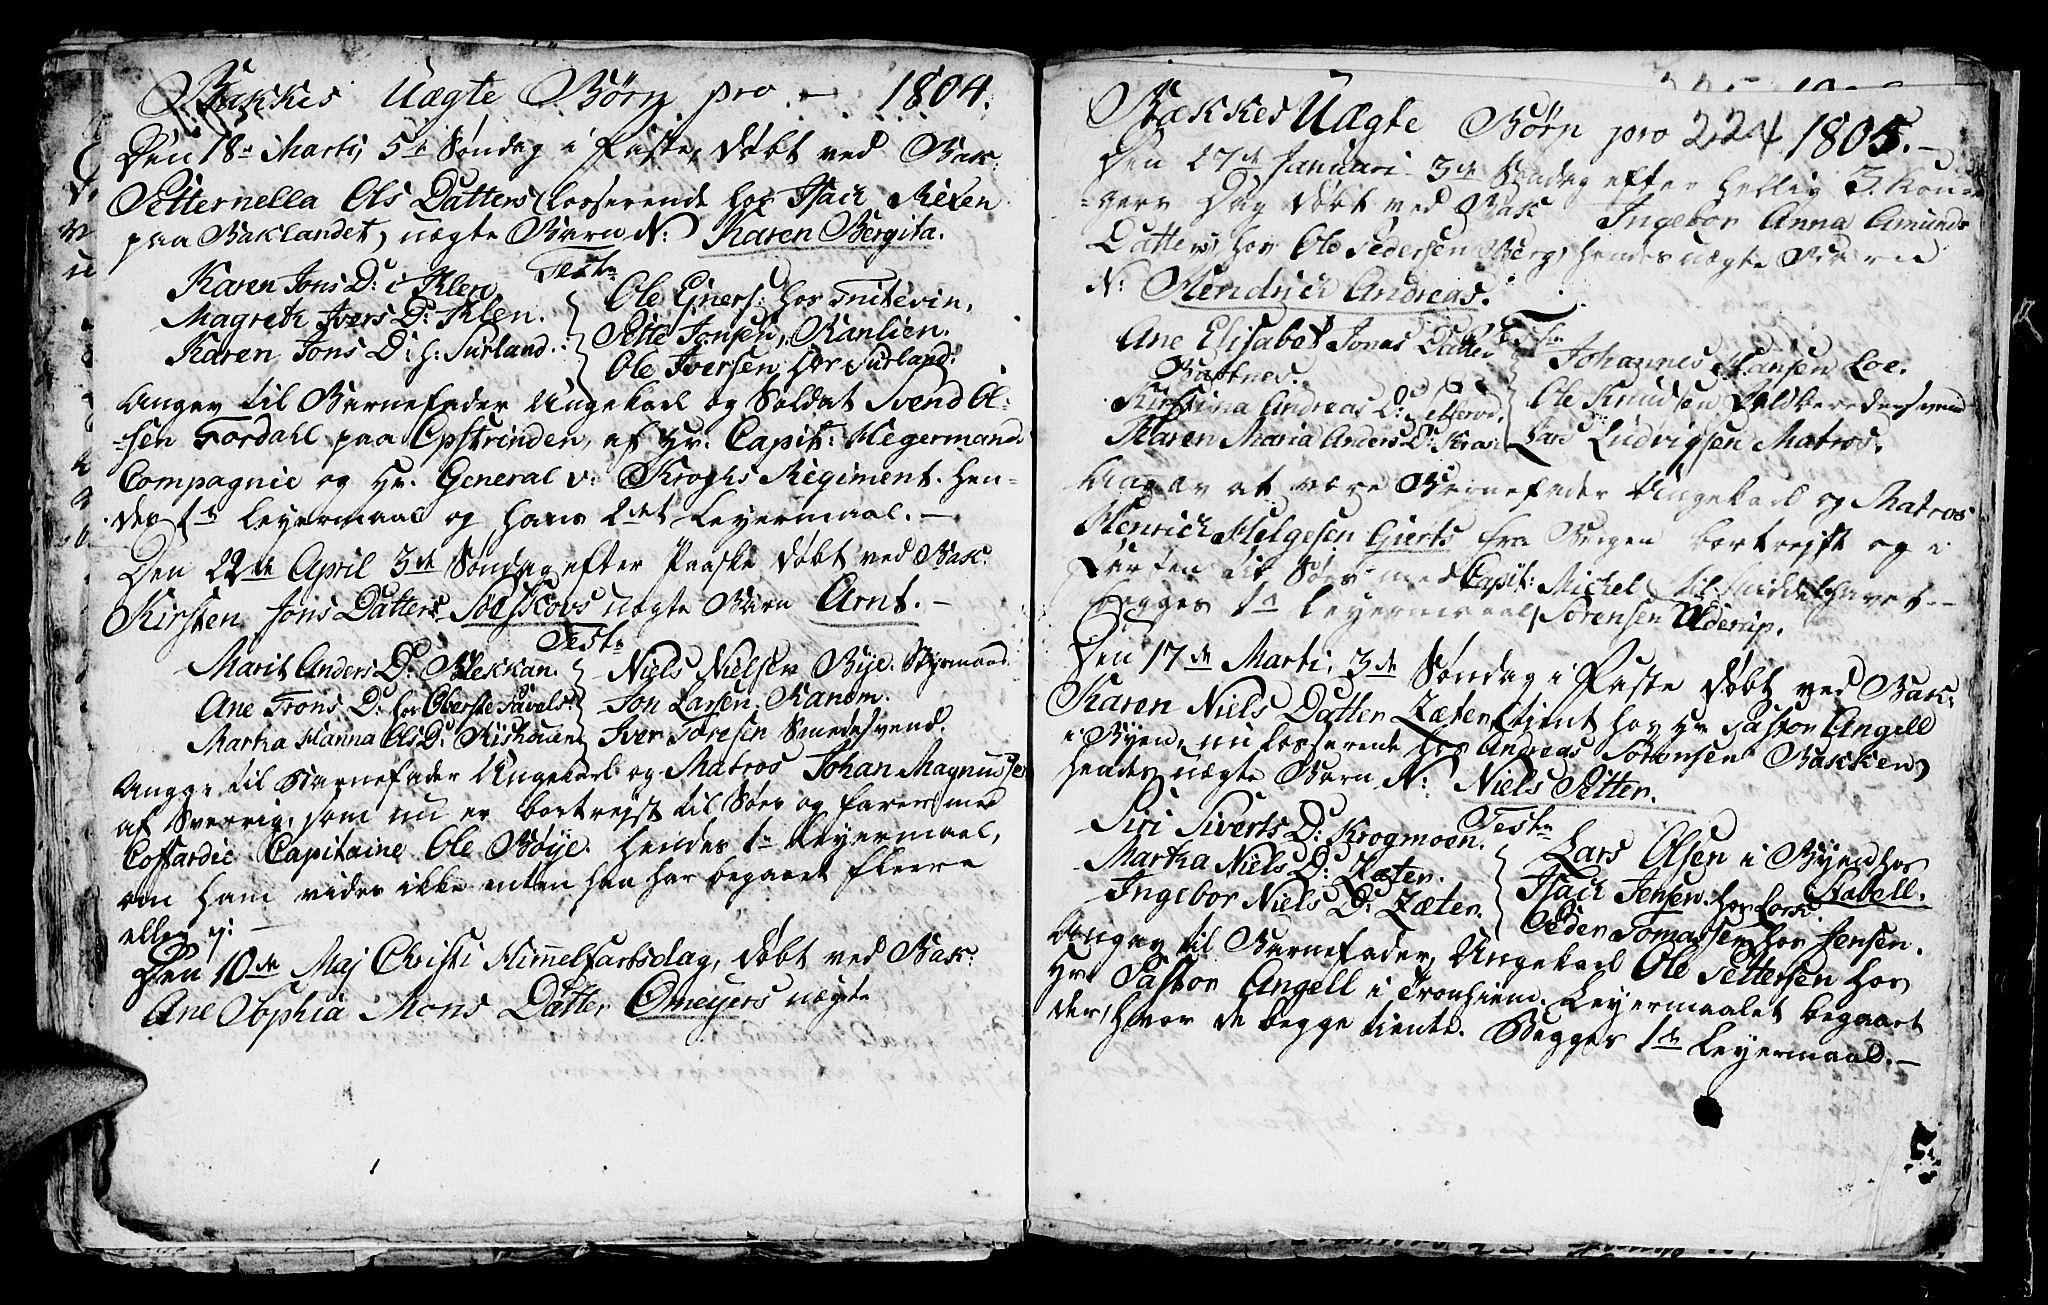 SAT, Ministerialprotokoller, klokkerbøker og fødselsregistre - Sør-Trøndelag, 604/L0218: Klokkerbok nr. 604C01, 1754-1819, s. 224